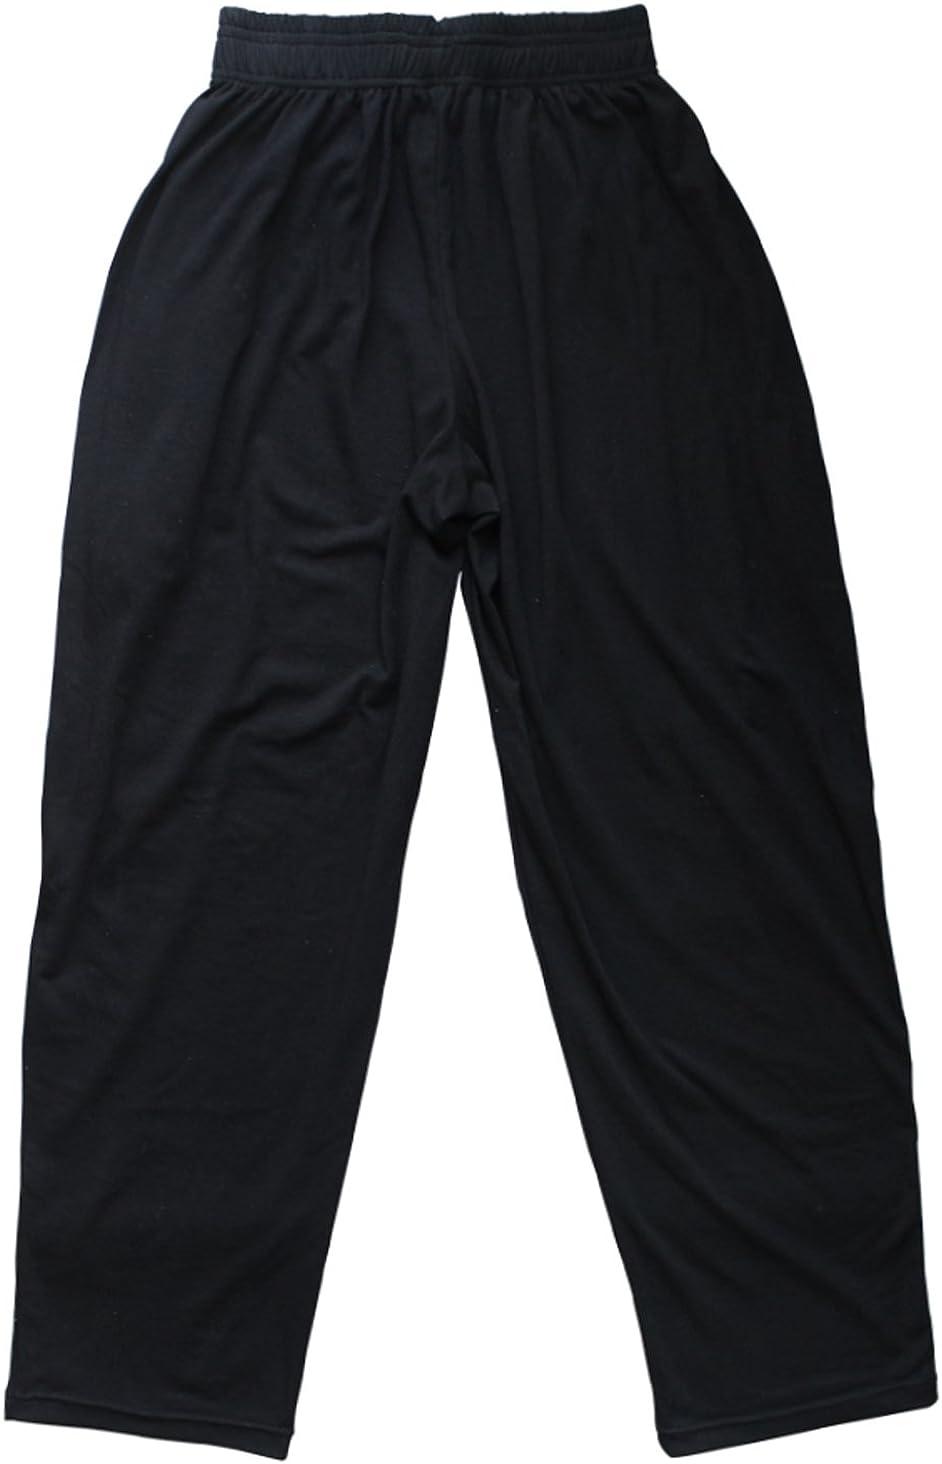 Pantalones Holgados para los Hombres Gimnasio de musculaci/ón de algod/ón y Spandex